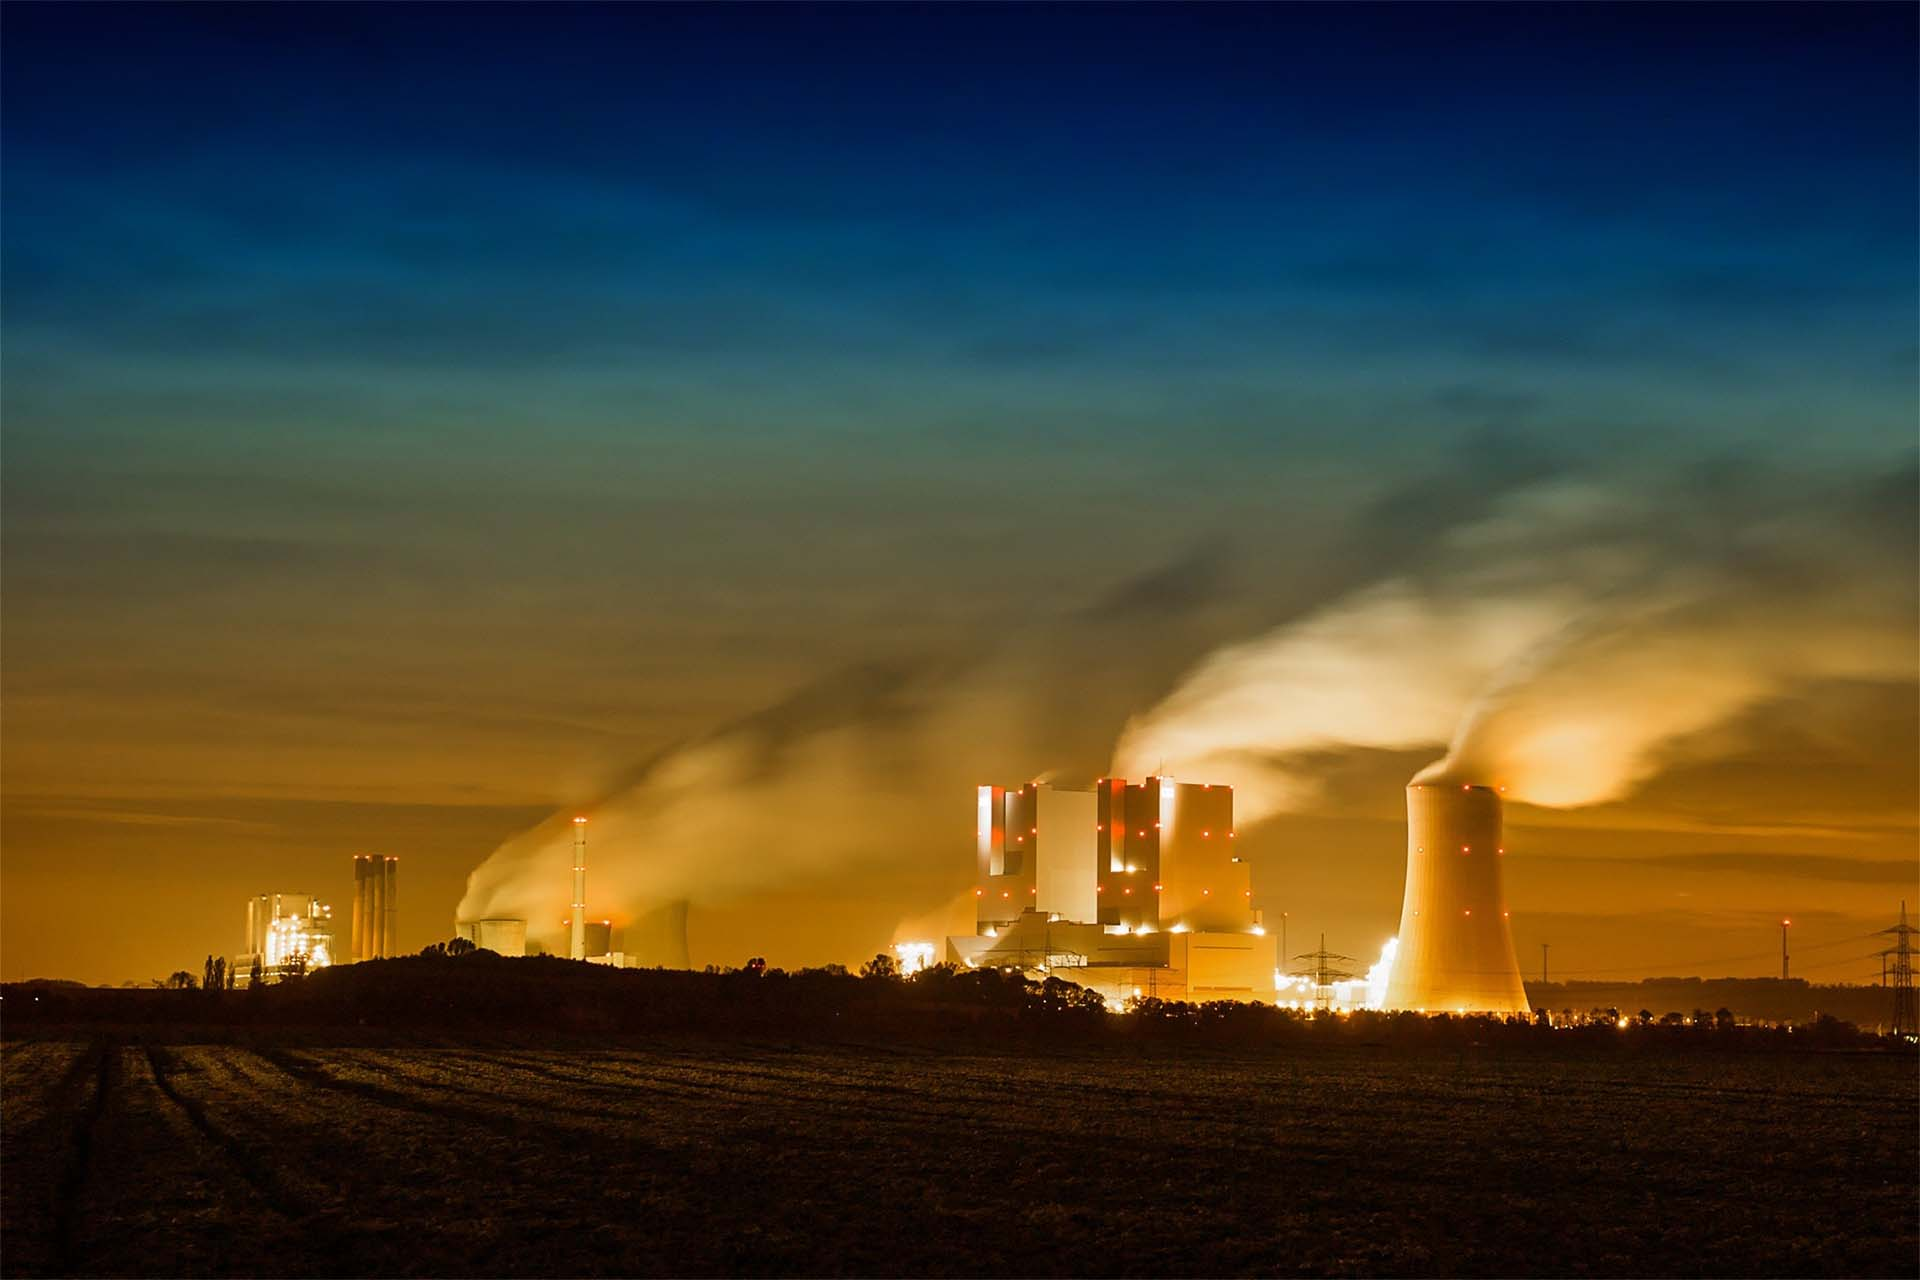 Understanding Air Pollution Better